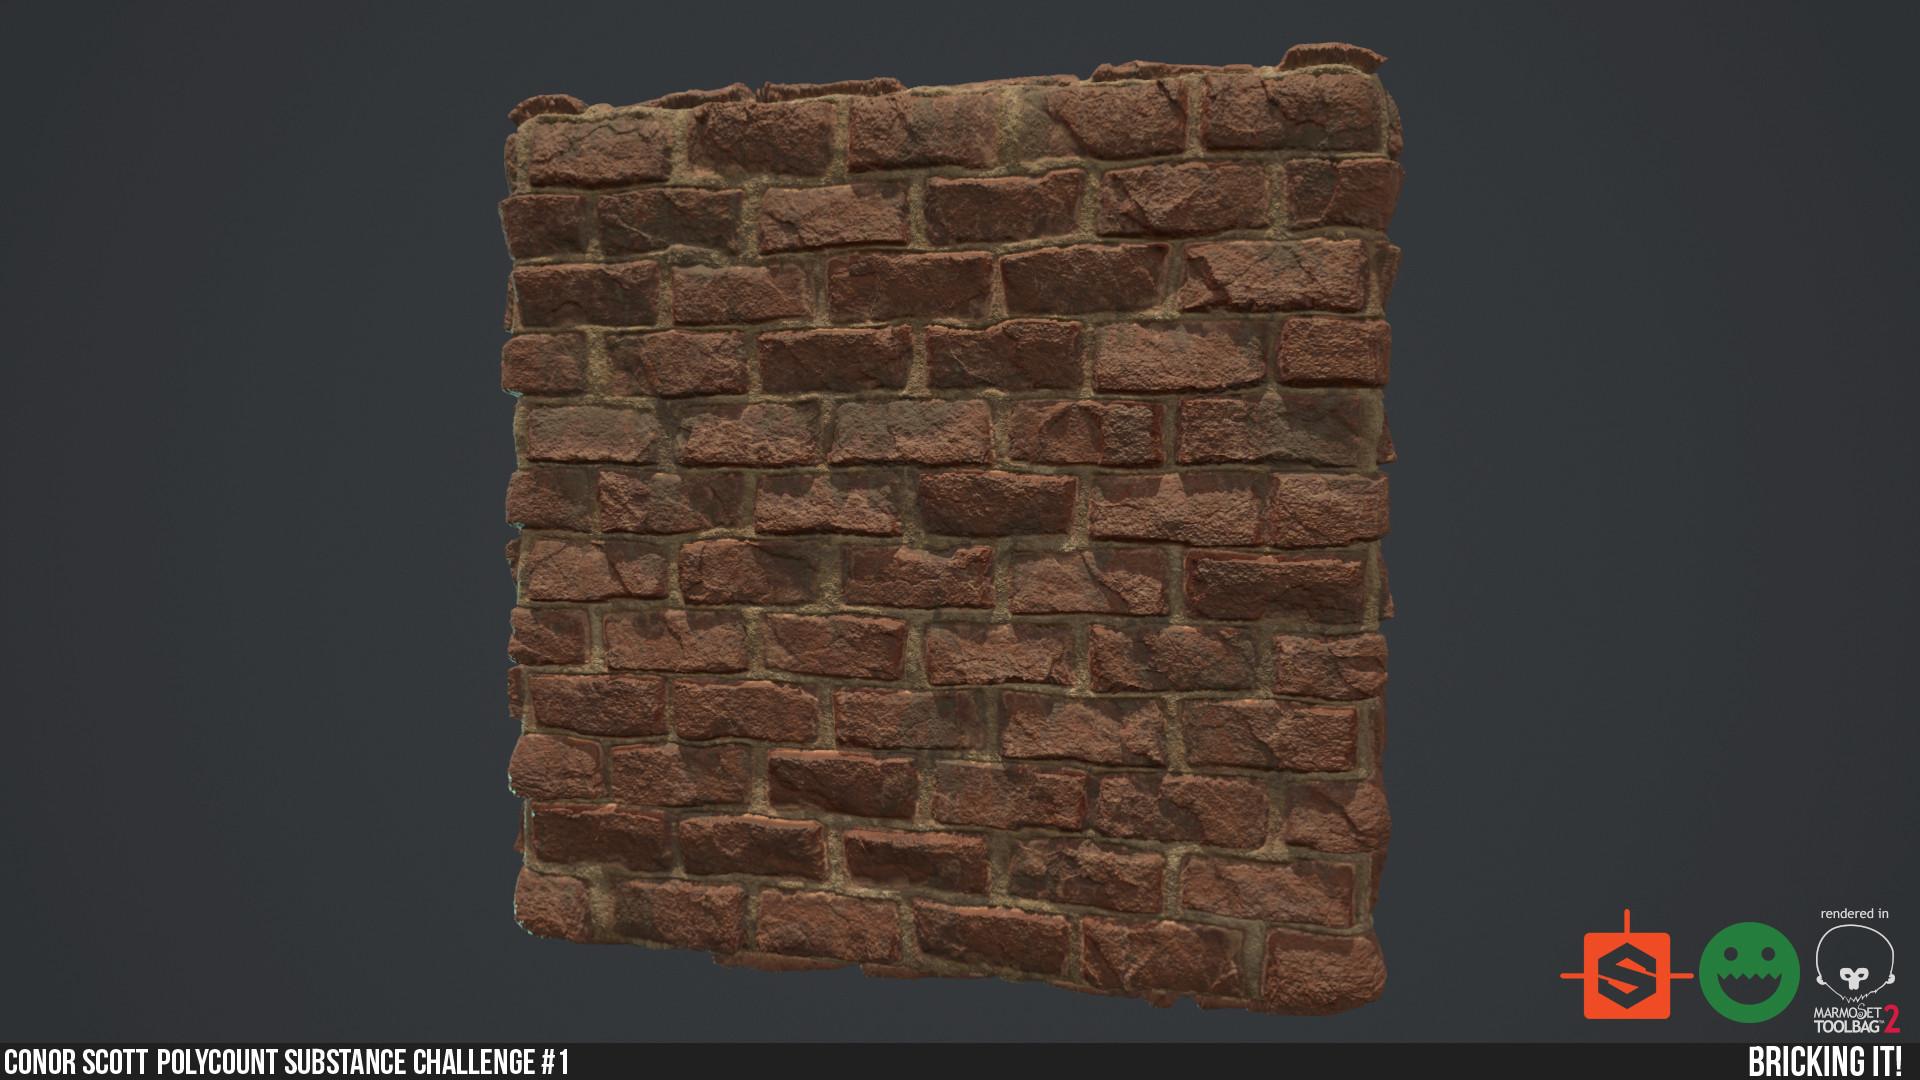 Conor scott brick